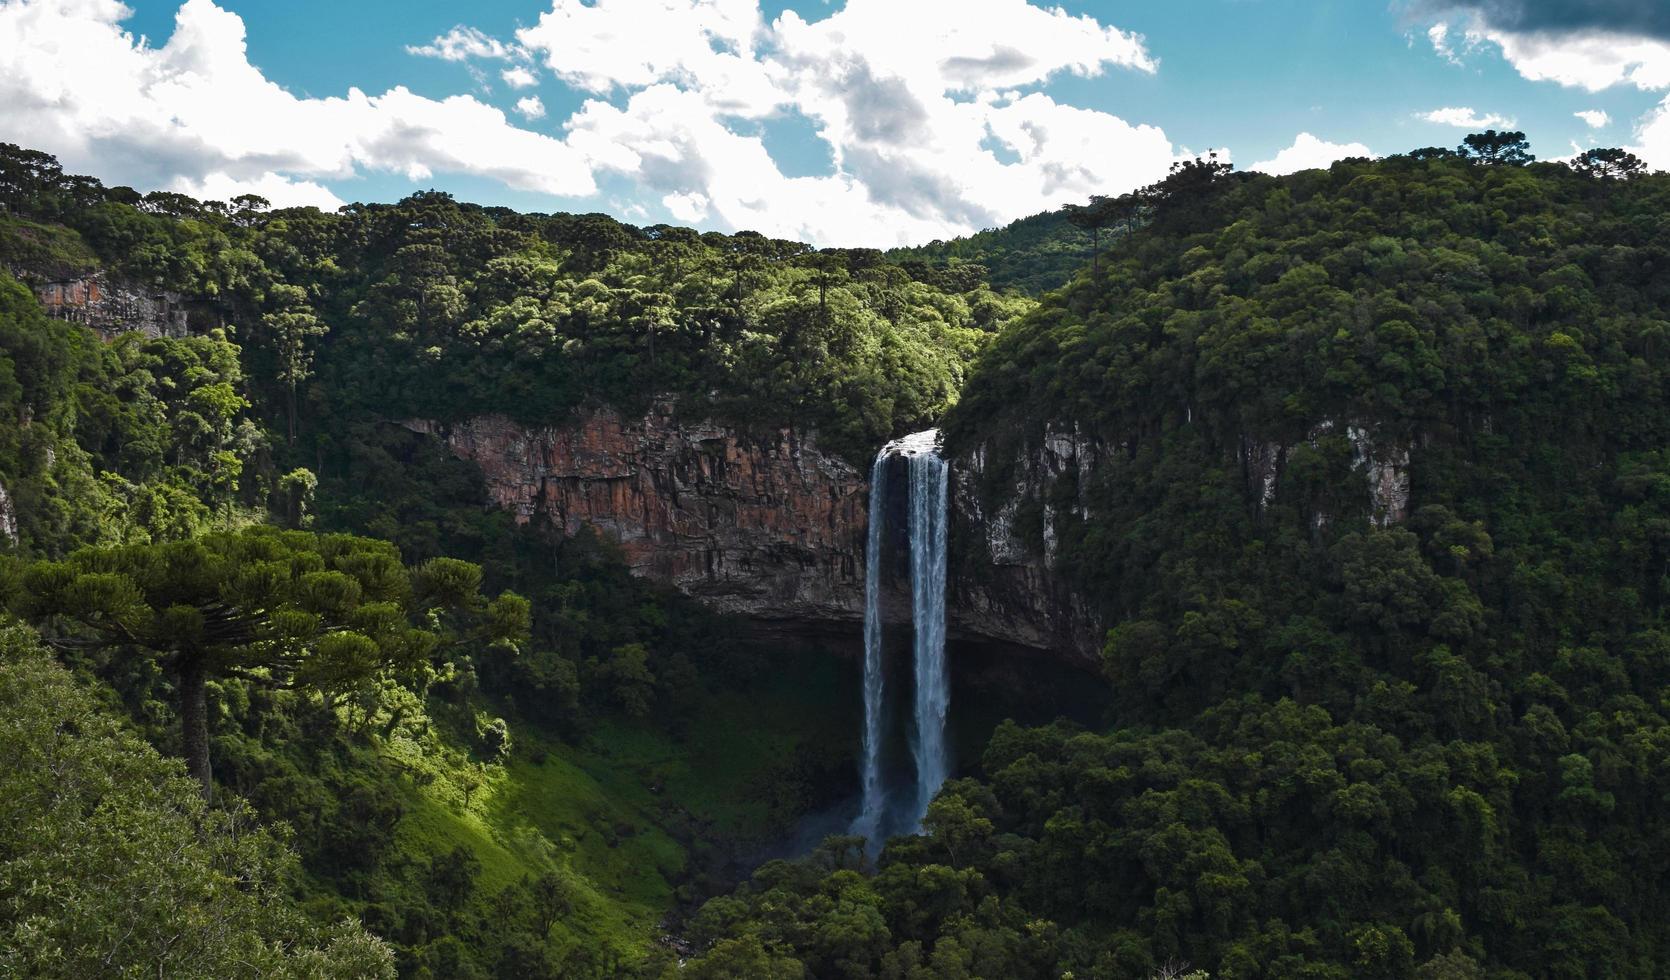 Wasserfall auf einer Klippe foto